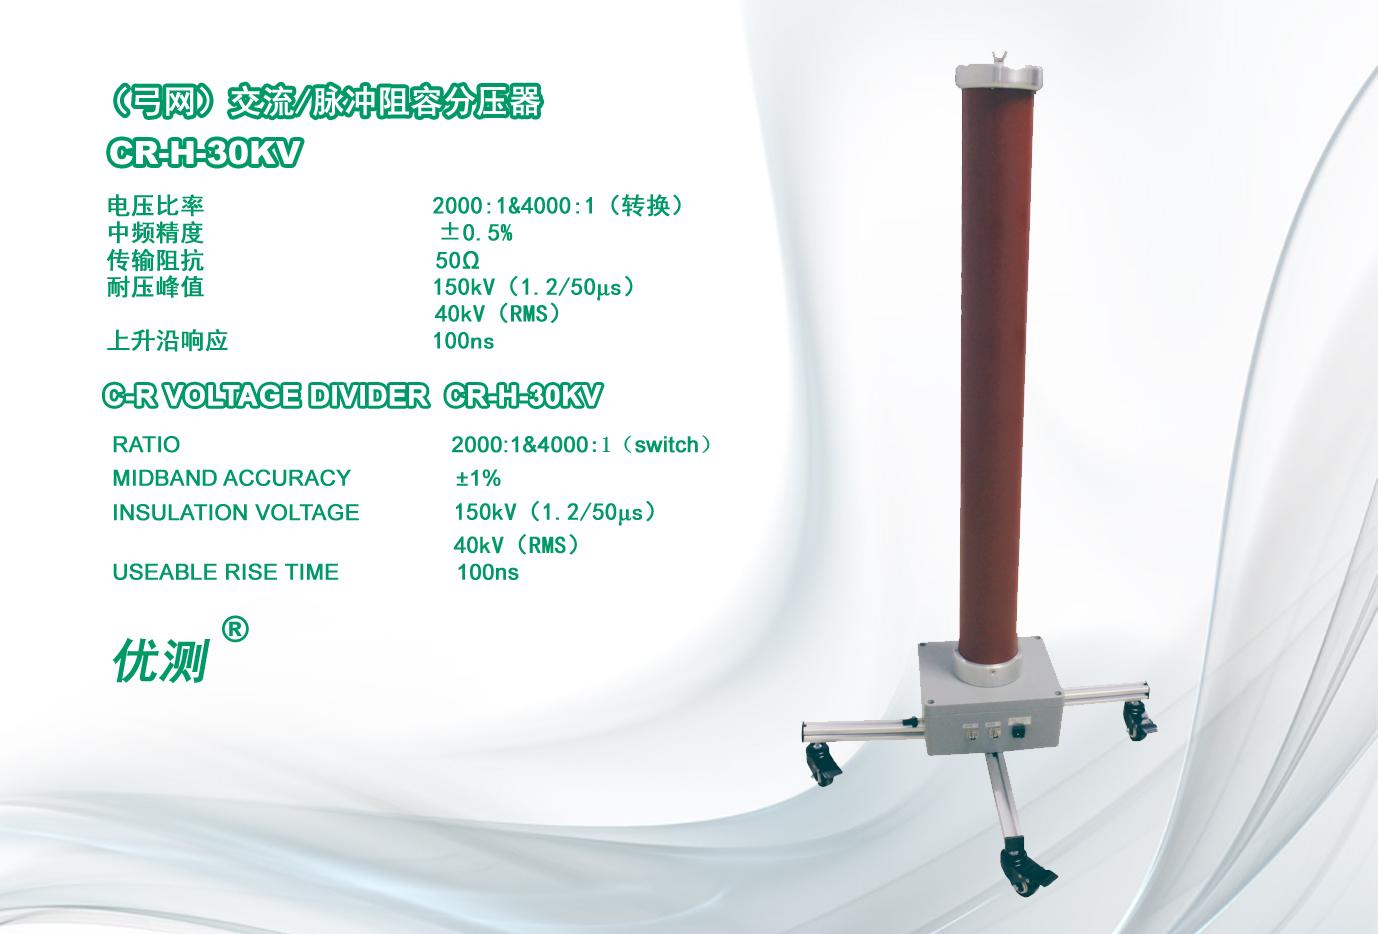 交流/脉冲阻容式分压器(弓网分压器)